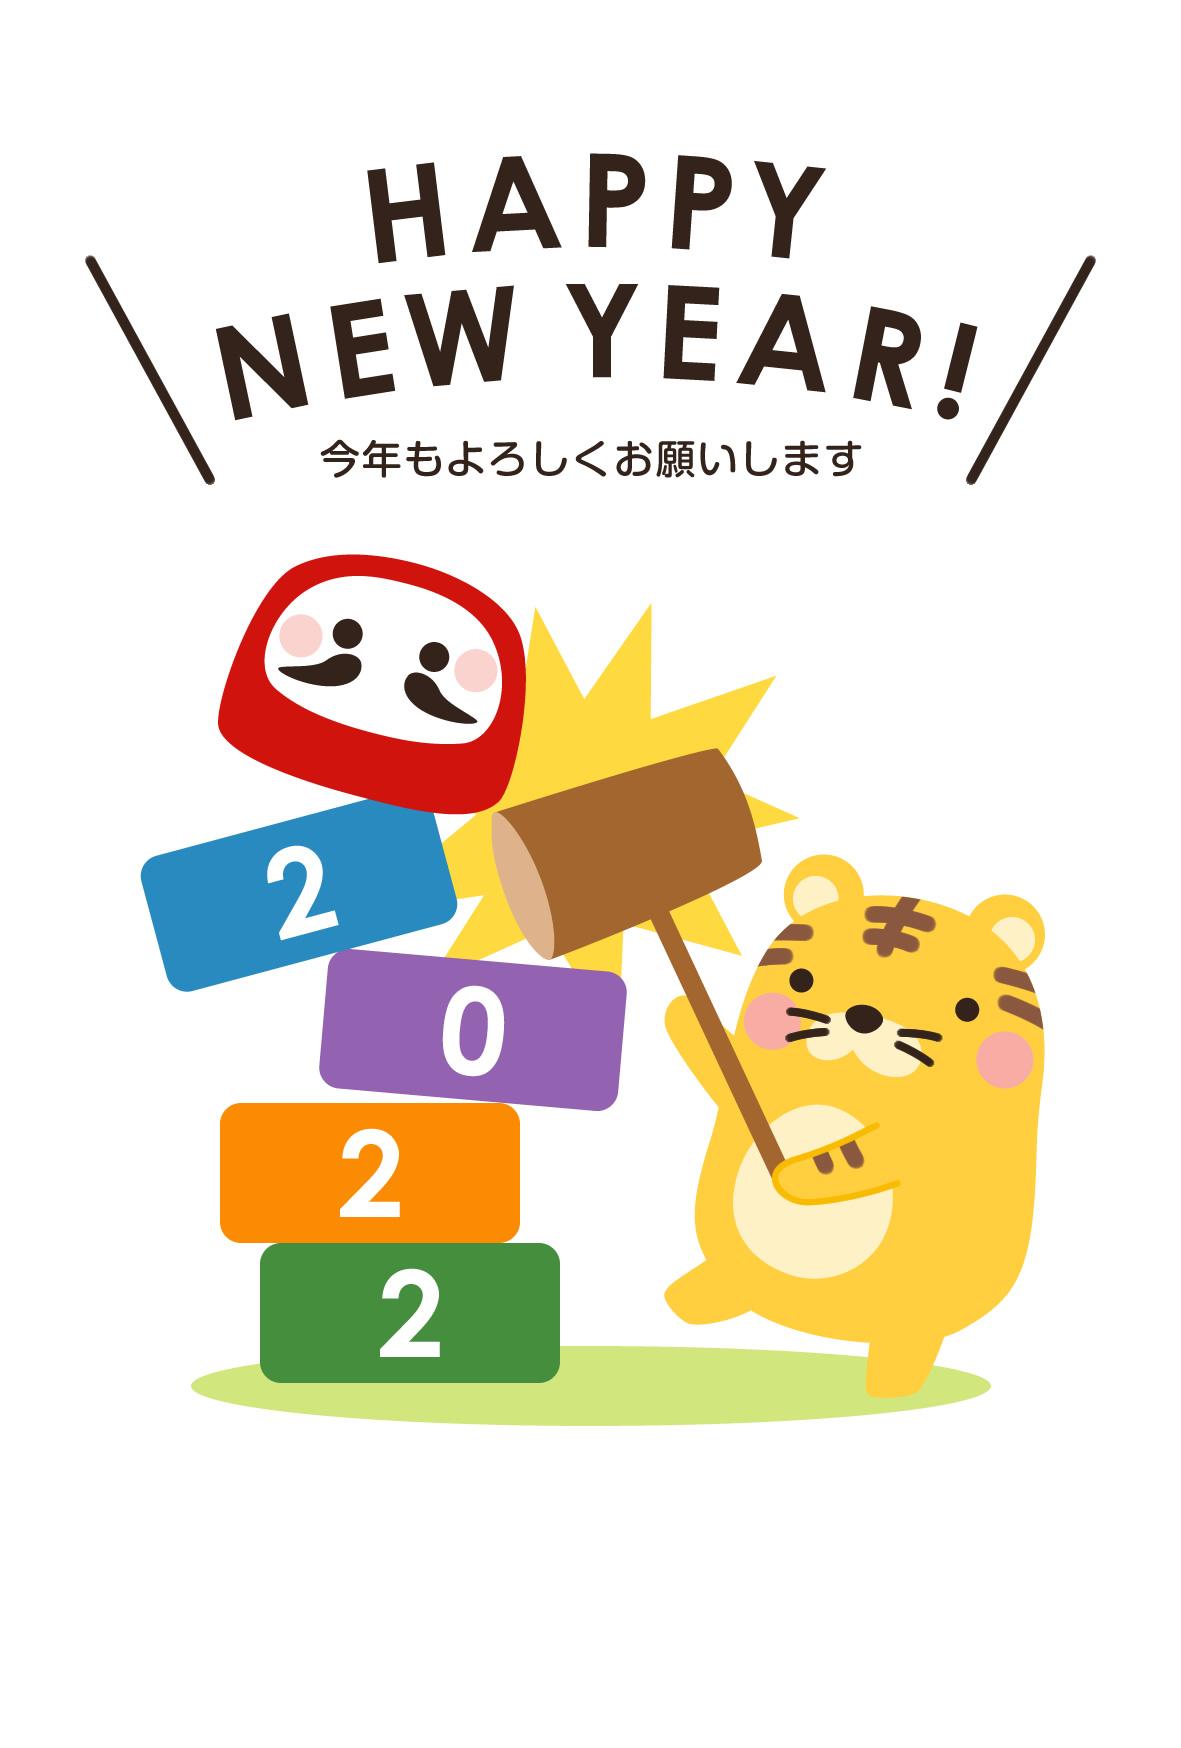 2022年賀状デザイン無料テンプレート「だるま落としをするかわいいトラ」